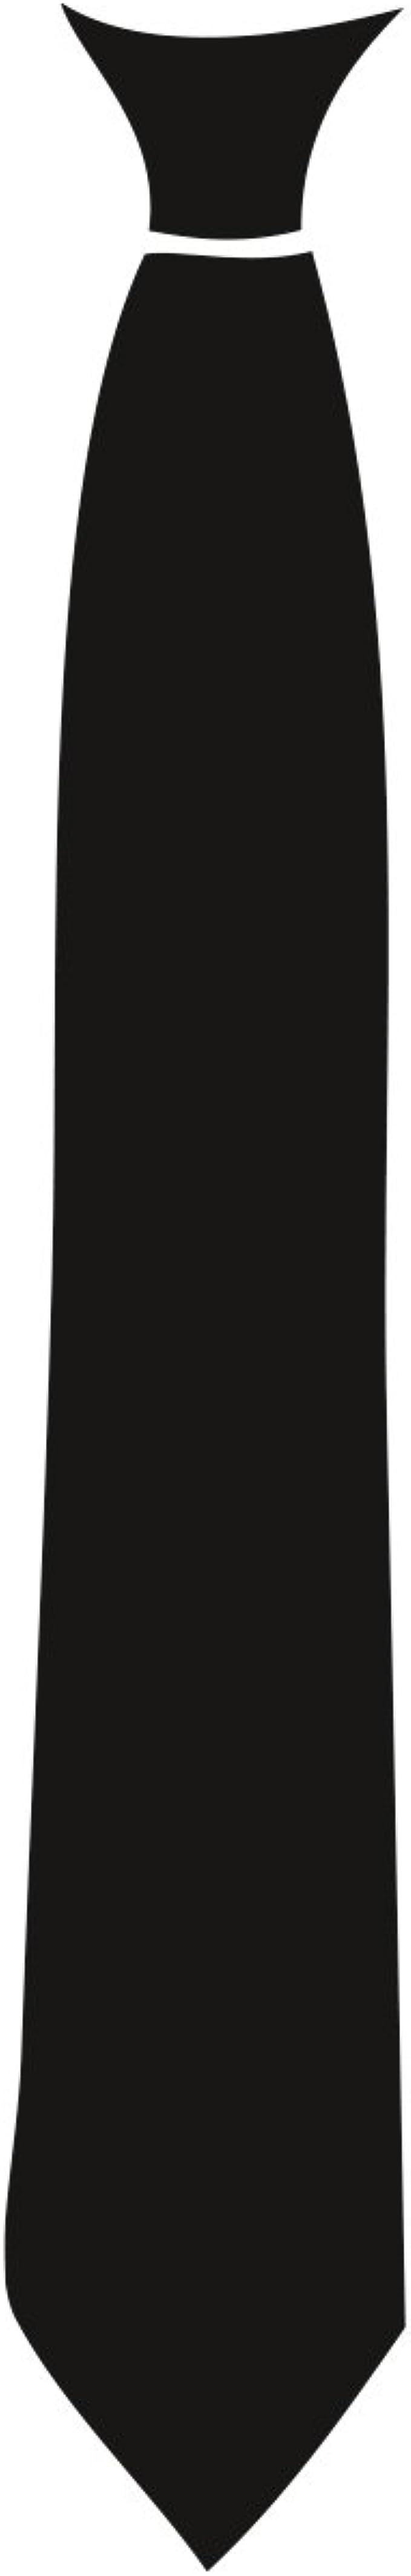 Camiseta para hombre, diseño con corbata impresa Black-Neongreen ...